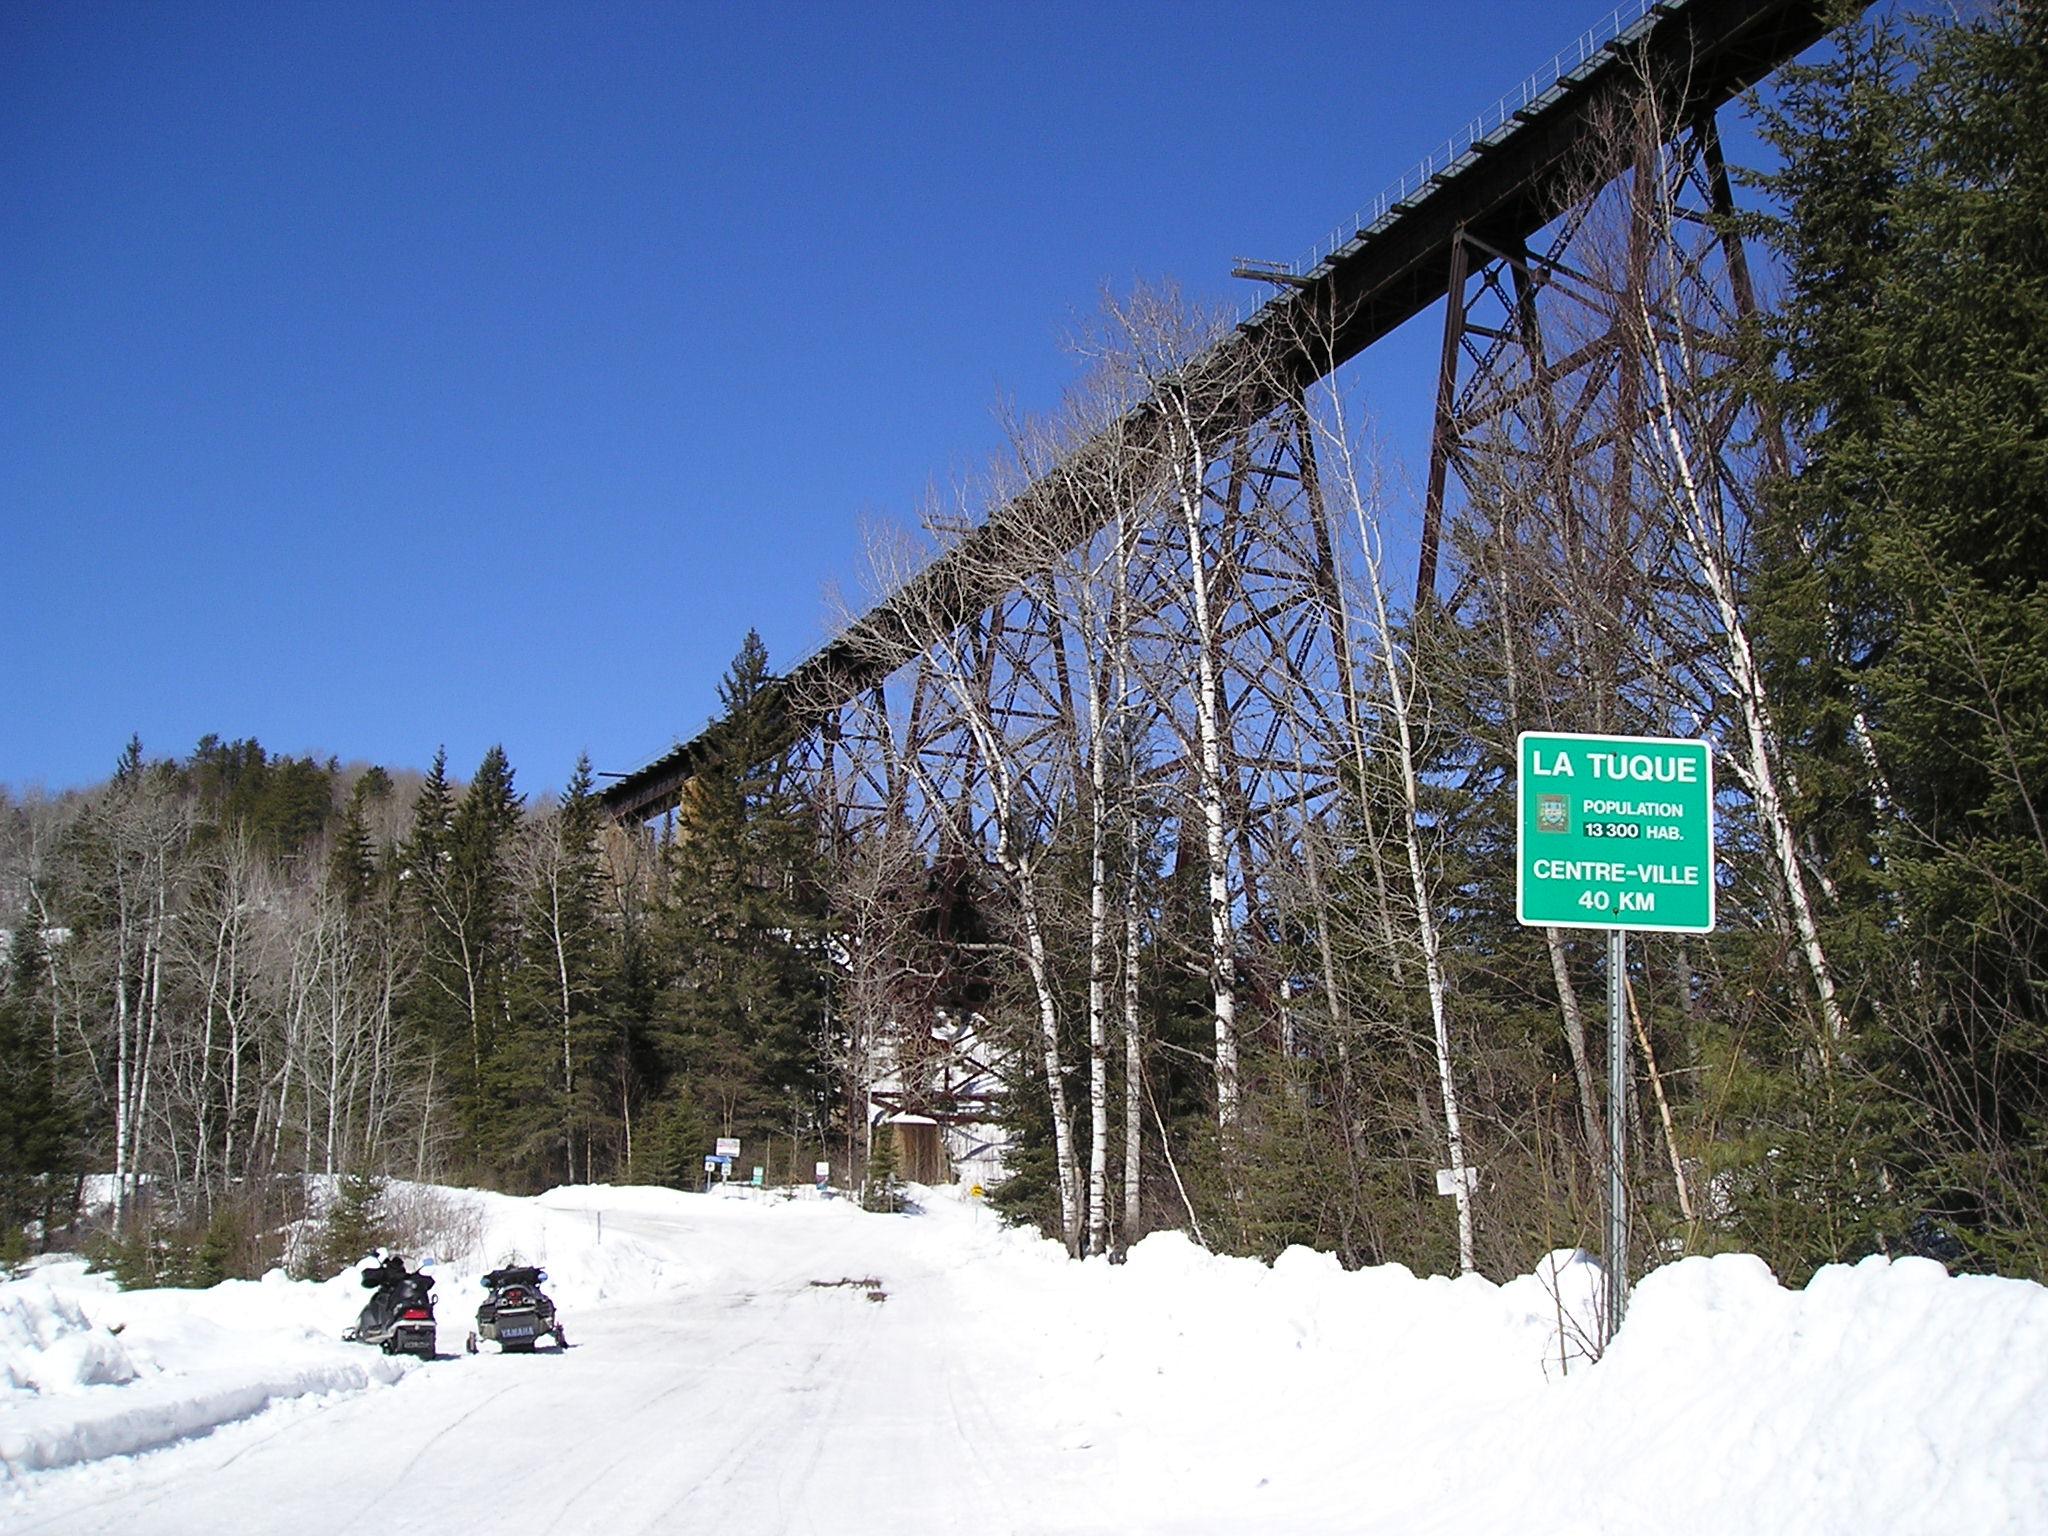 FichierTracel Pont Ferroviaire Rivire Du Milieu Prs De La Tuque